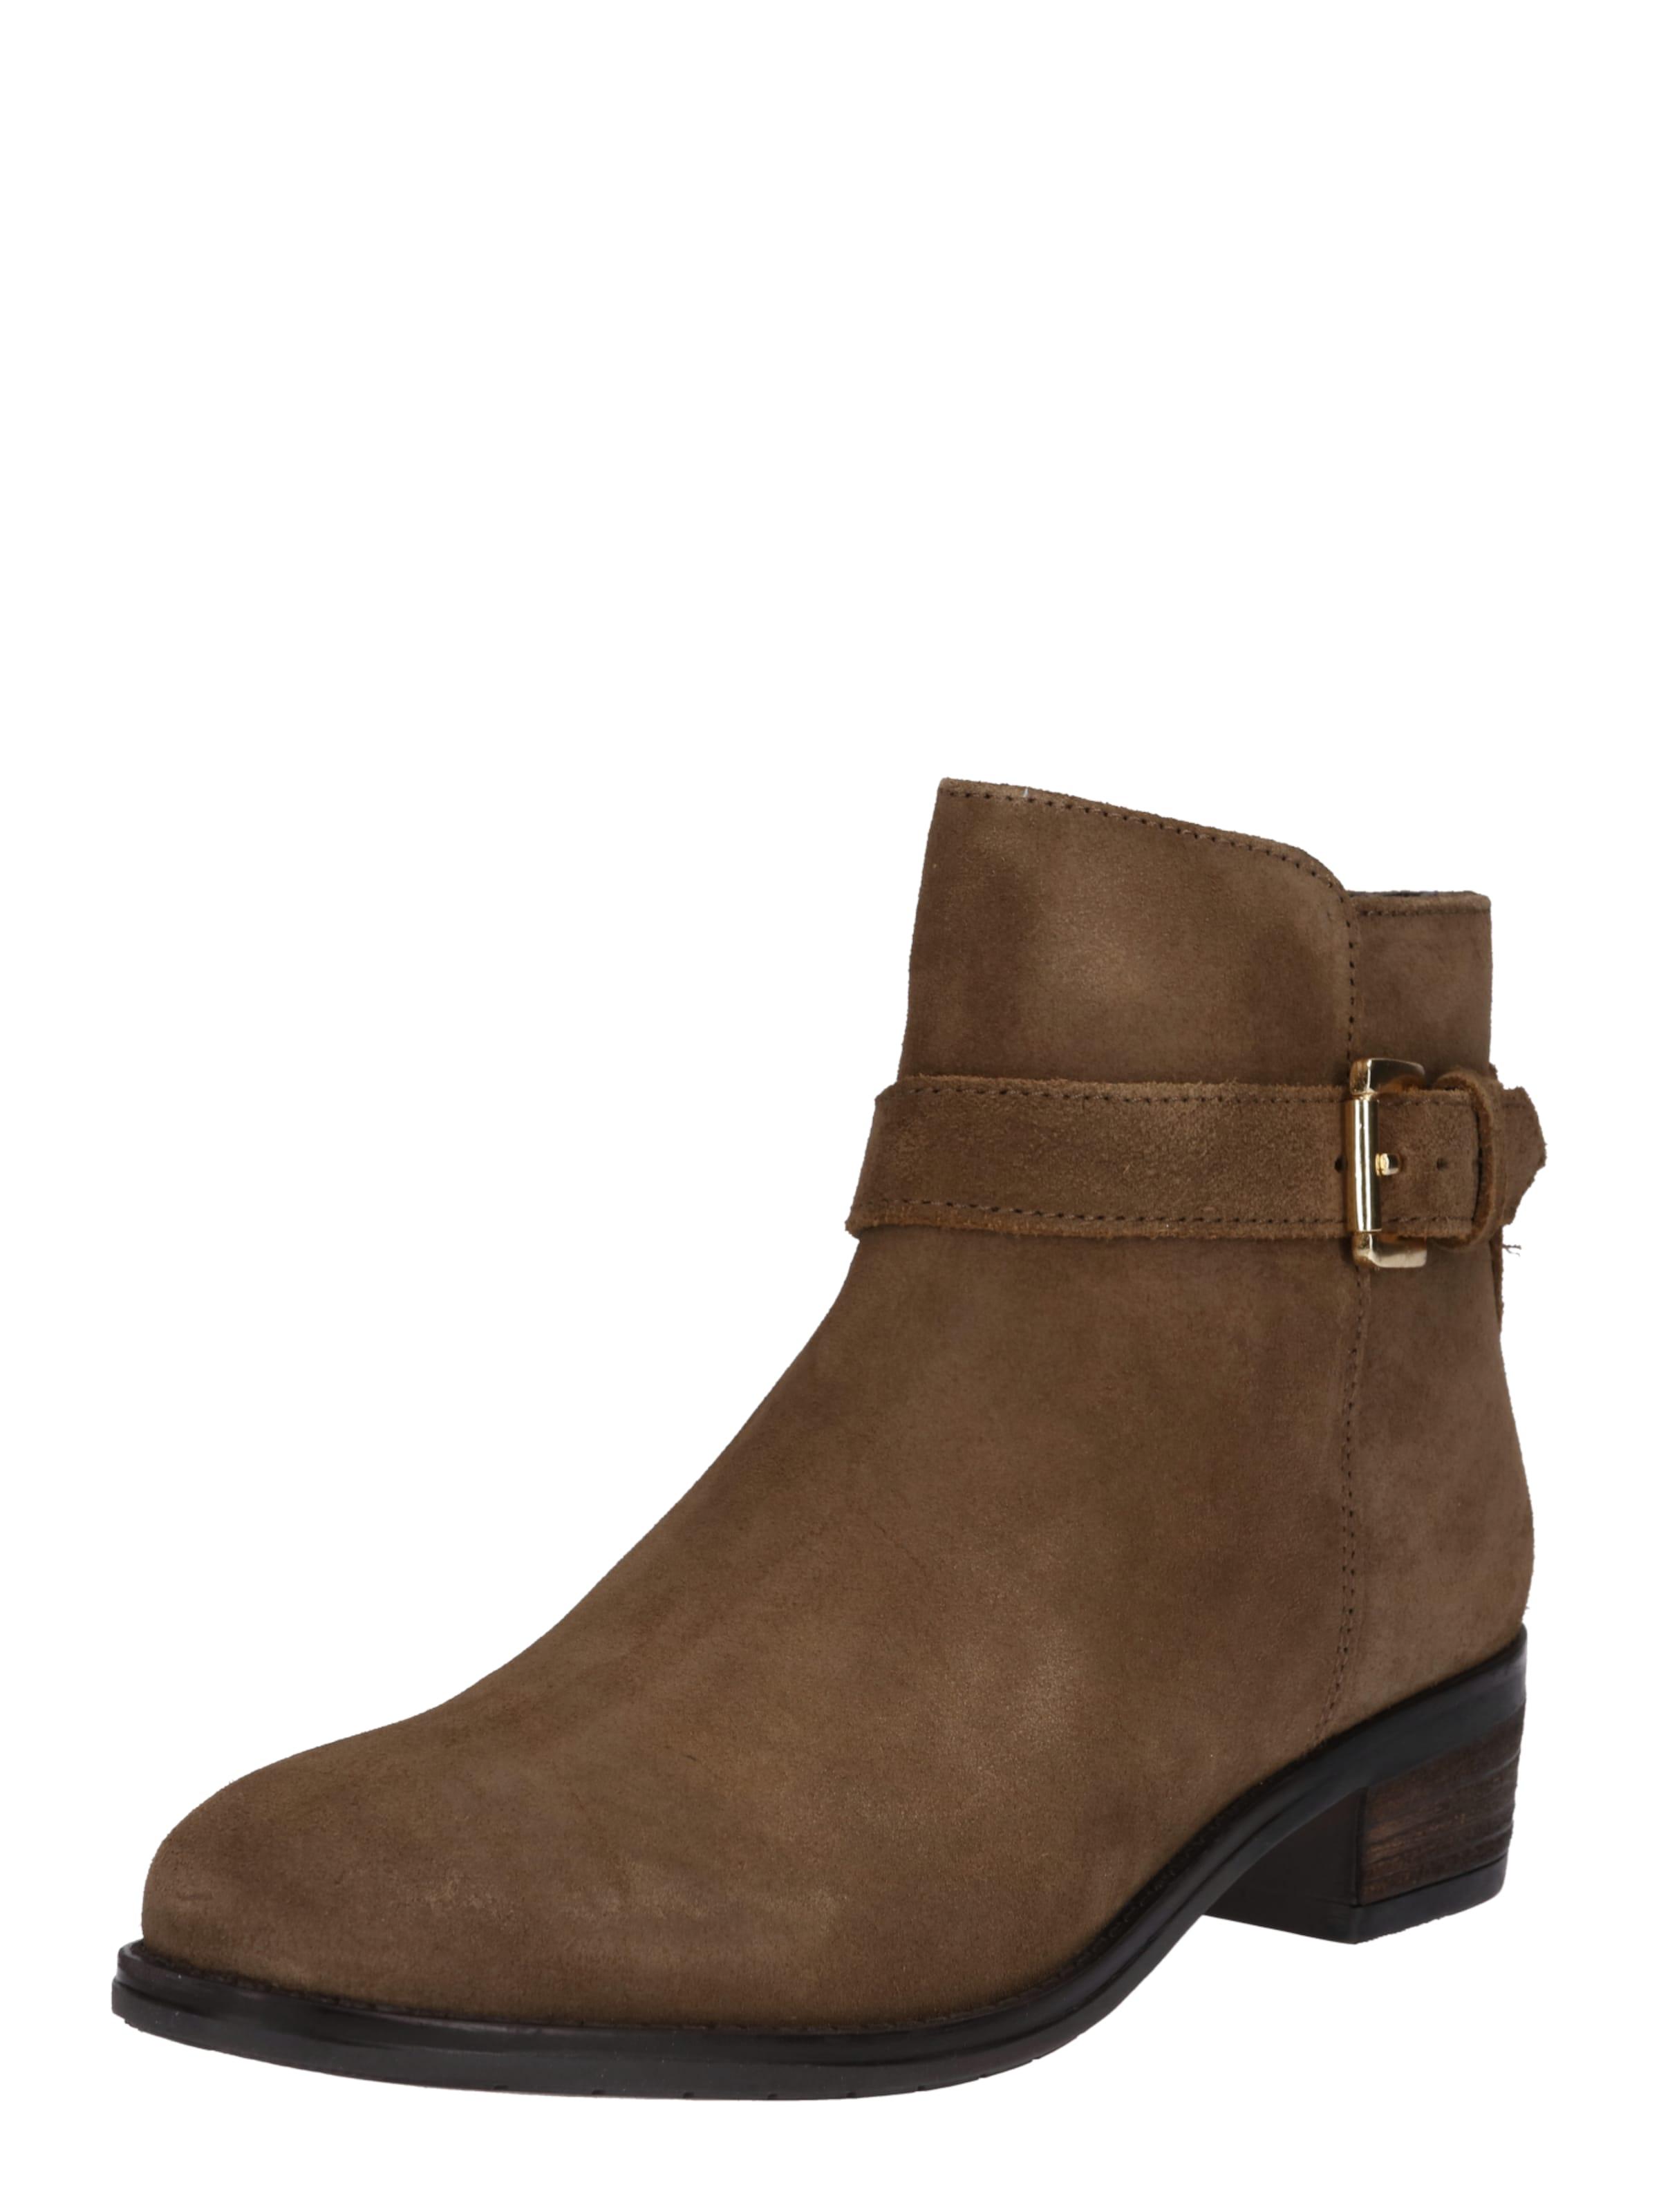 Dune LONDON Stiefelette PHEOBIE Verschleißfeste billige Schuhe